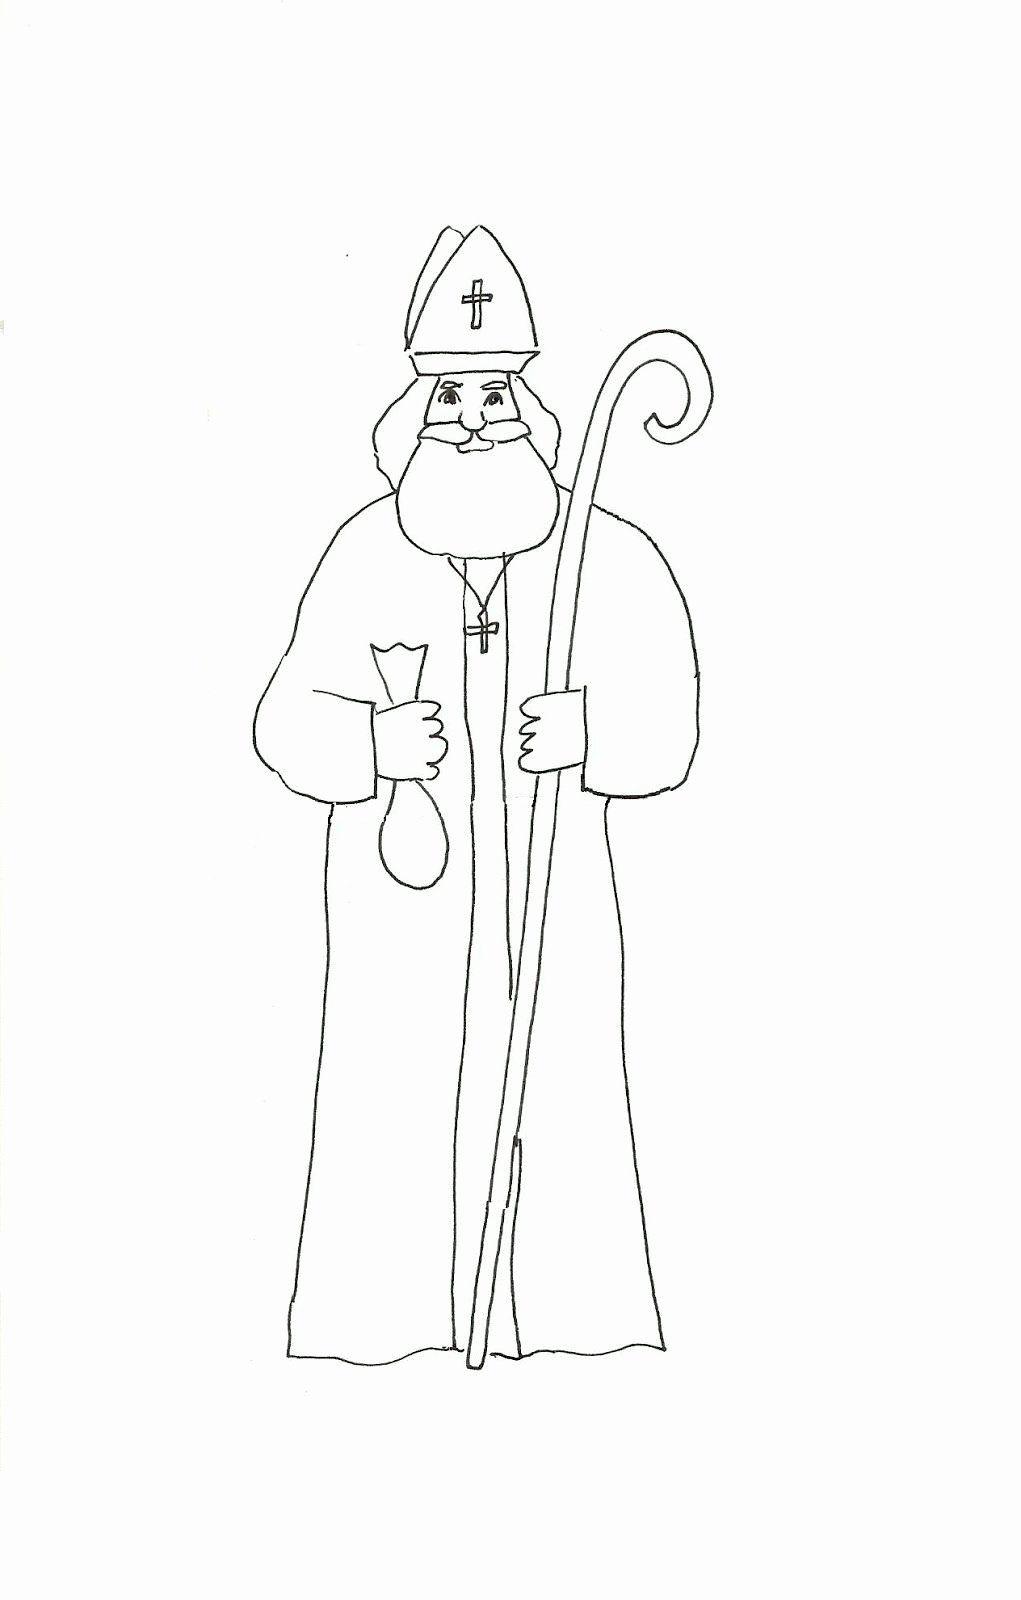 St Nicholas Coloring Page Best Of Saint Nicholas Coloring Page Coloring Home In 2020 Coloring Pages Flag Coloring Pages Creation Coloring Pages